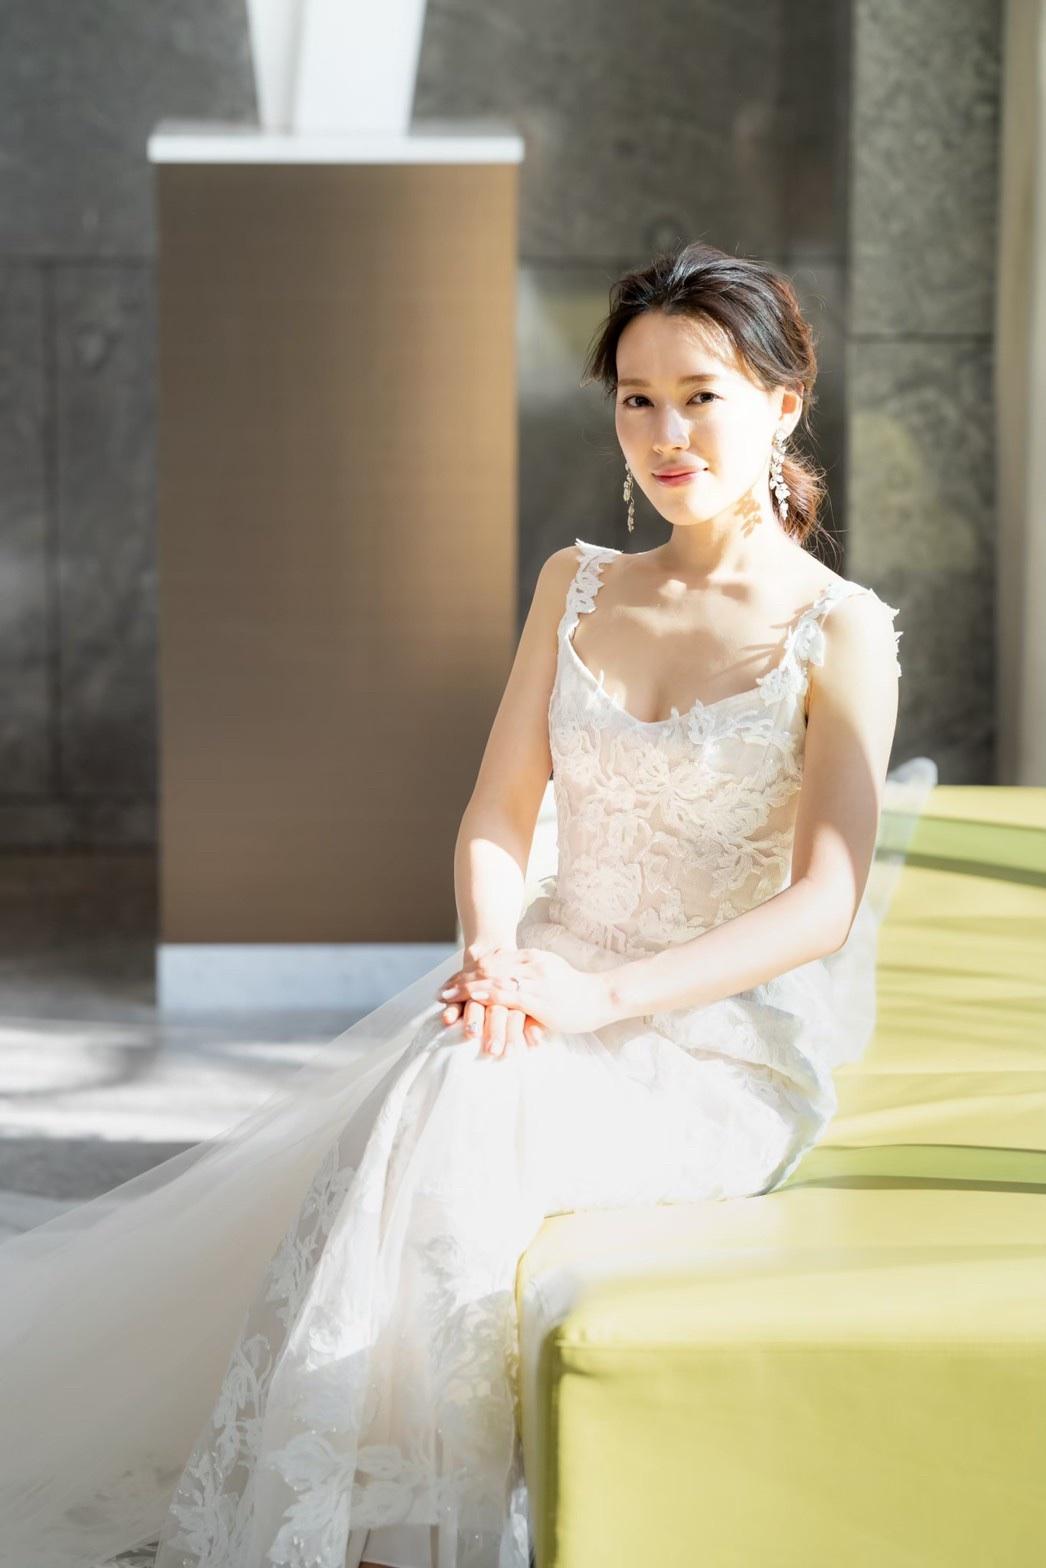 ザトリートドレッシングアディション店でお取り扱いするマーメイドラインのウェディングドレスは花嫁のボディラインを美しく魅せてくれます